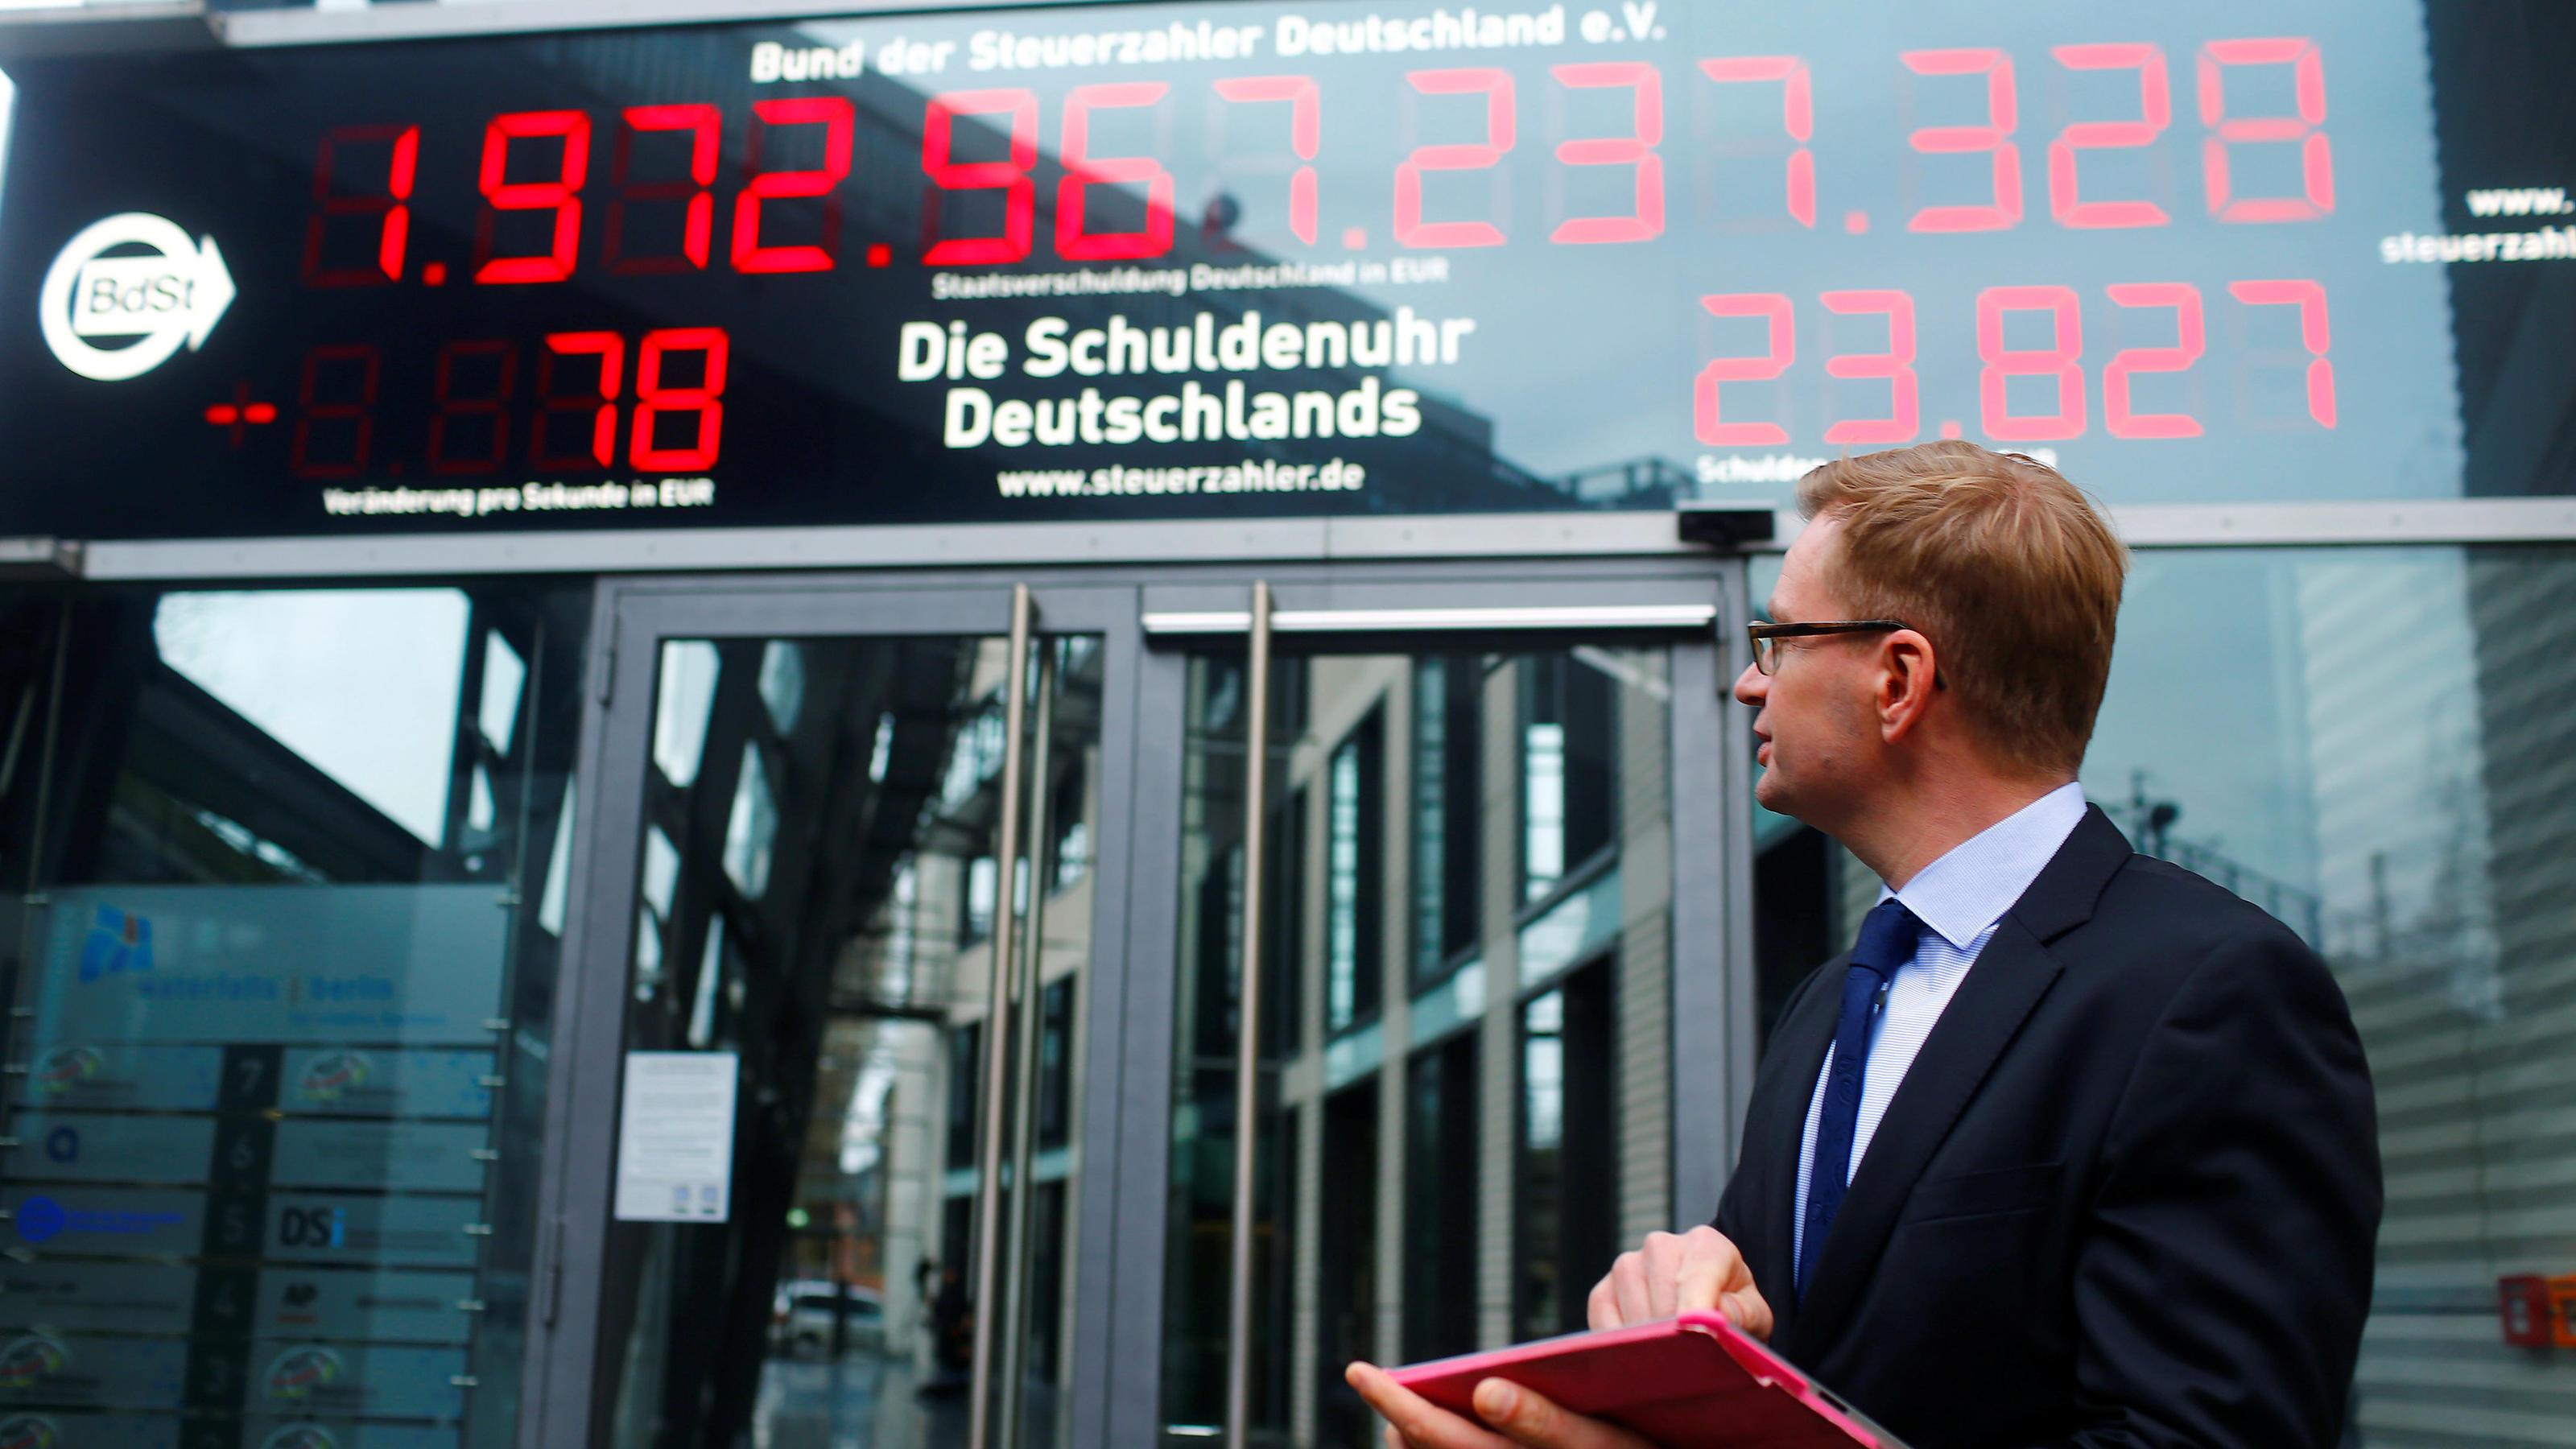 Gesamtverschuldung des Staats Die Schuldenuhr läuft jetzt rückwärts